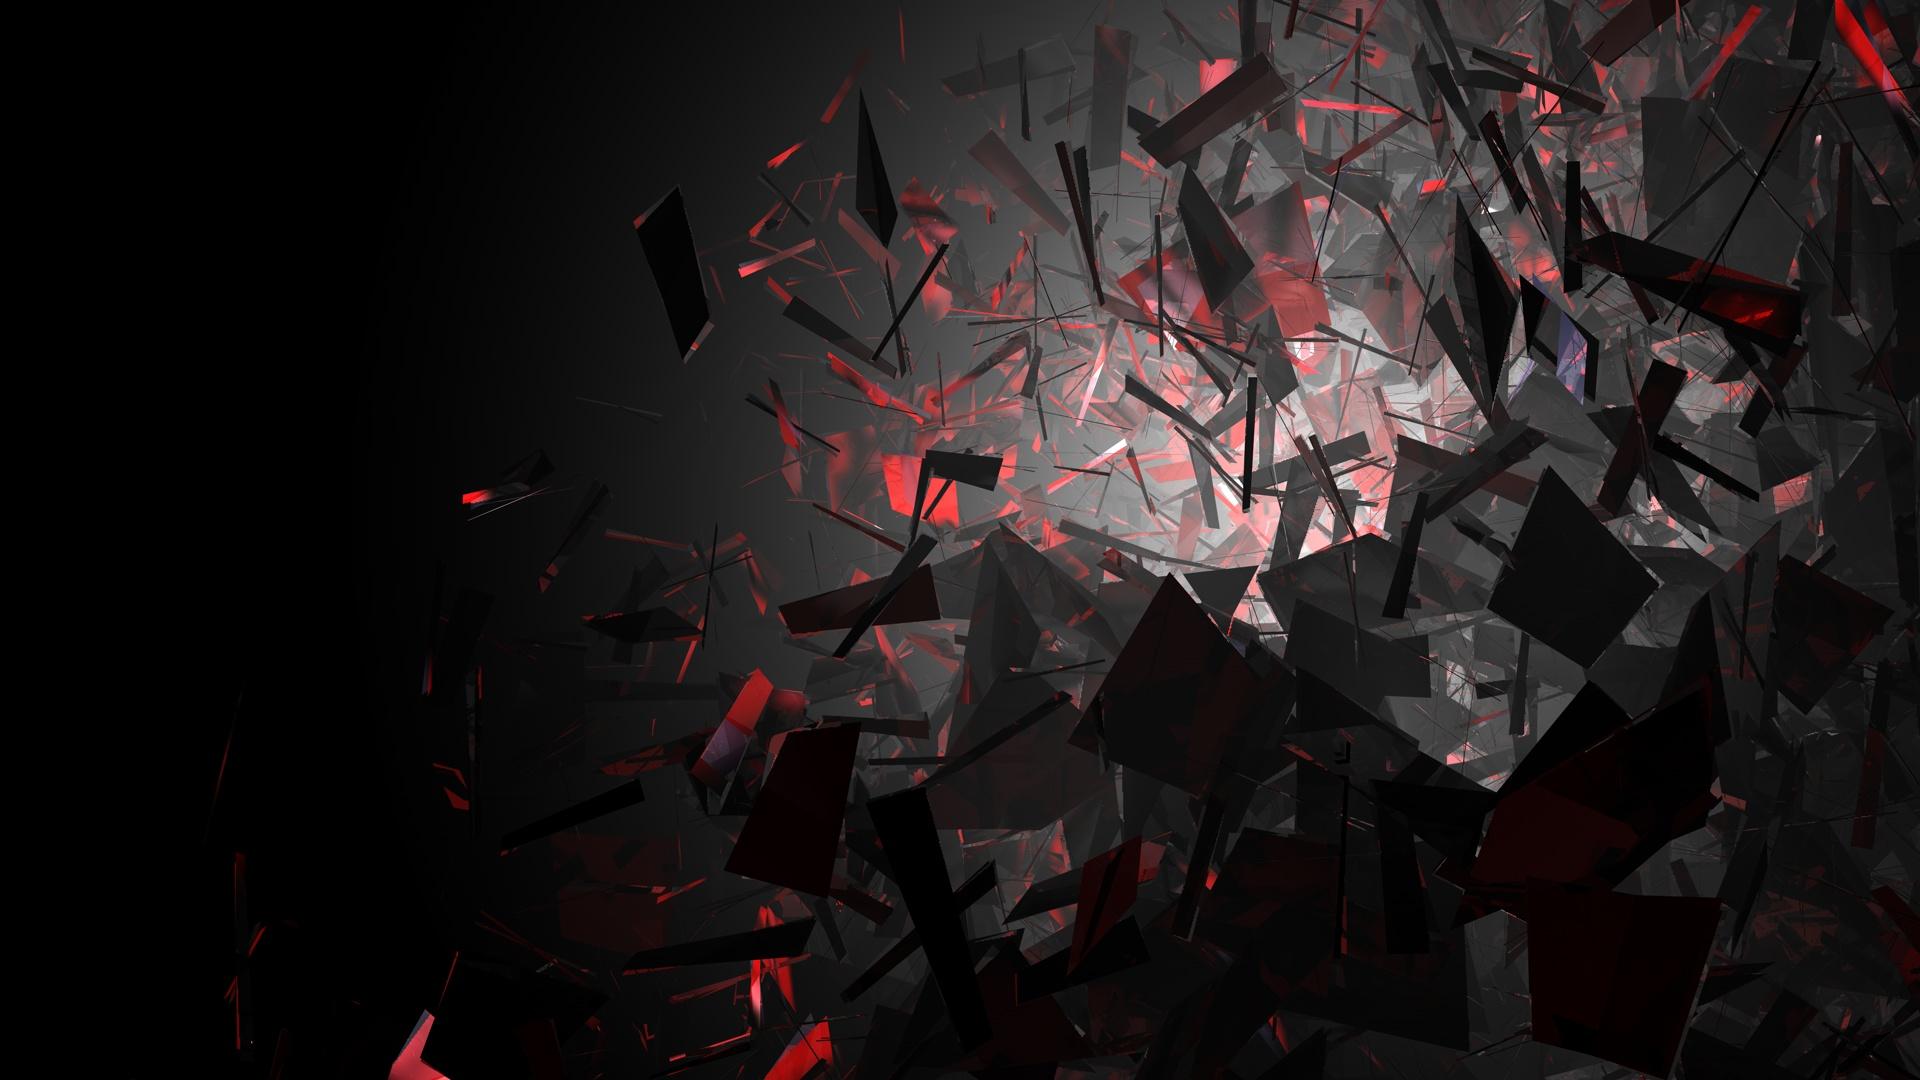 Abstrakt - Dunkel  Rot Abstrakt Art Wallpaper